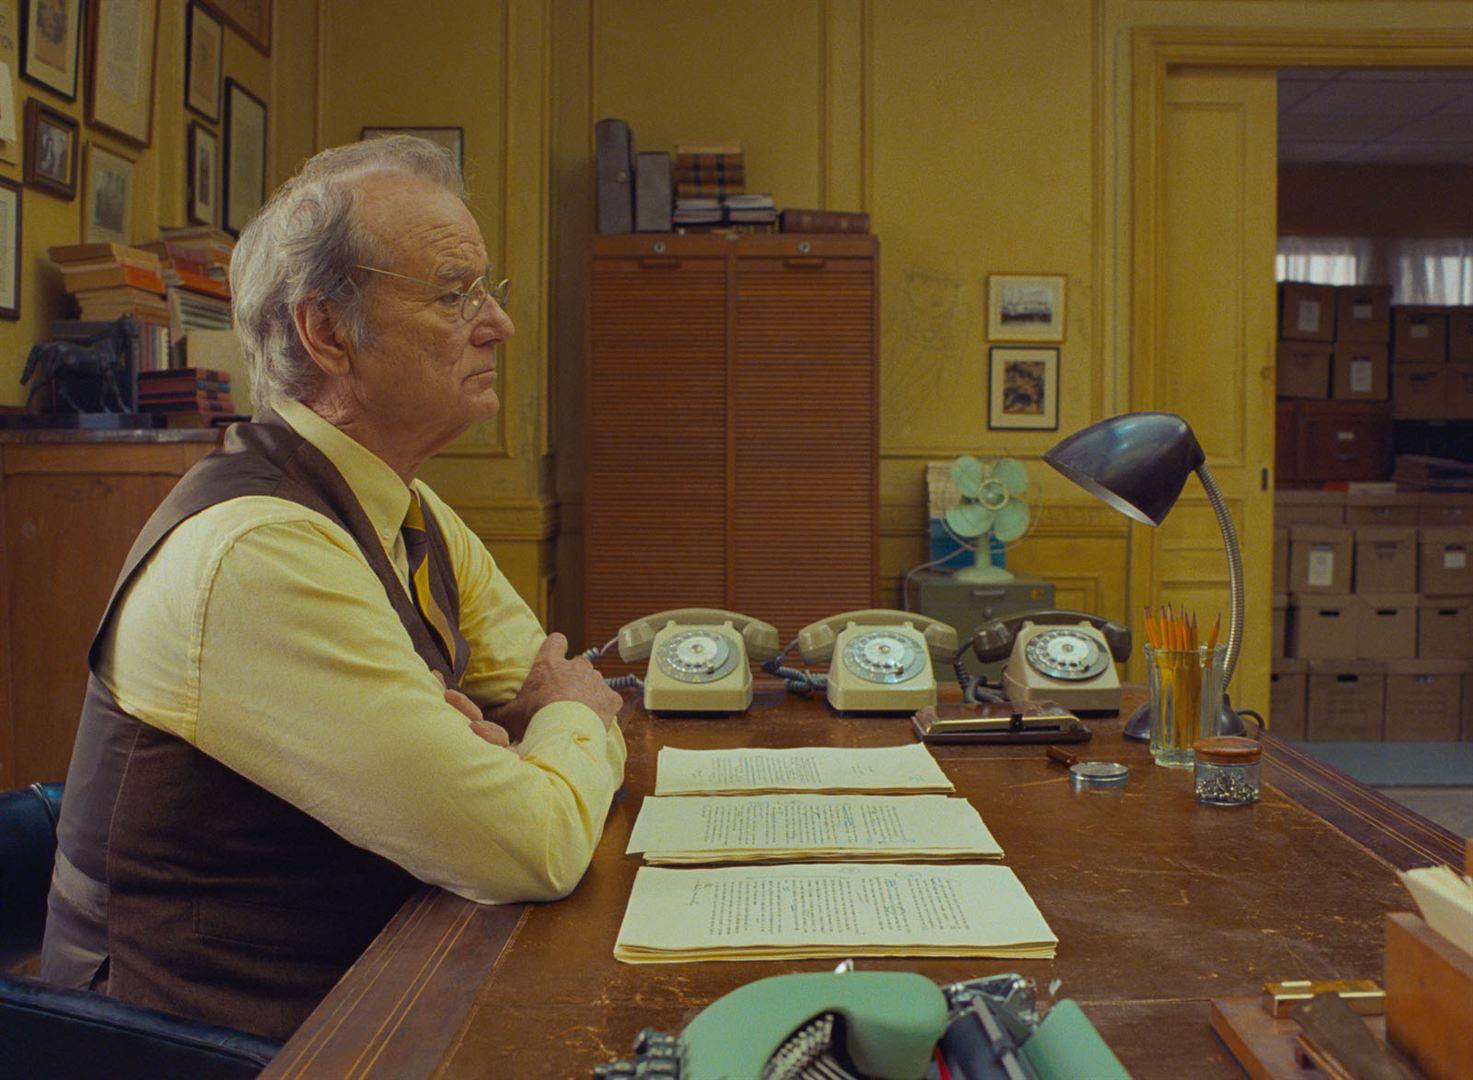 The French Dispatch (BANDE-ANNONCE) de Wes Anderson avec Bill Murray, Tilda Swinton, Timothée Chalamet - Le 14 octobre 2020 au cinéma